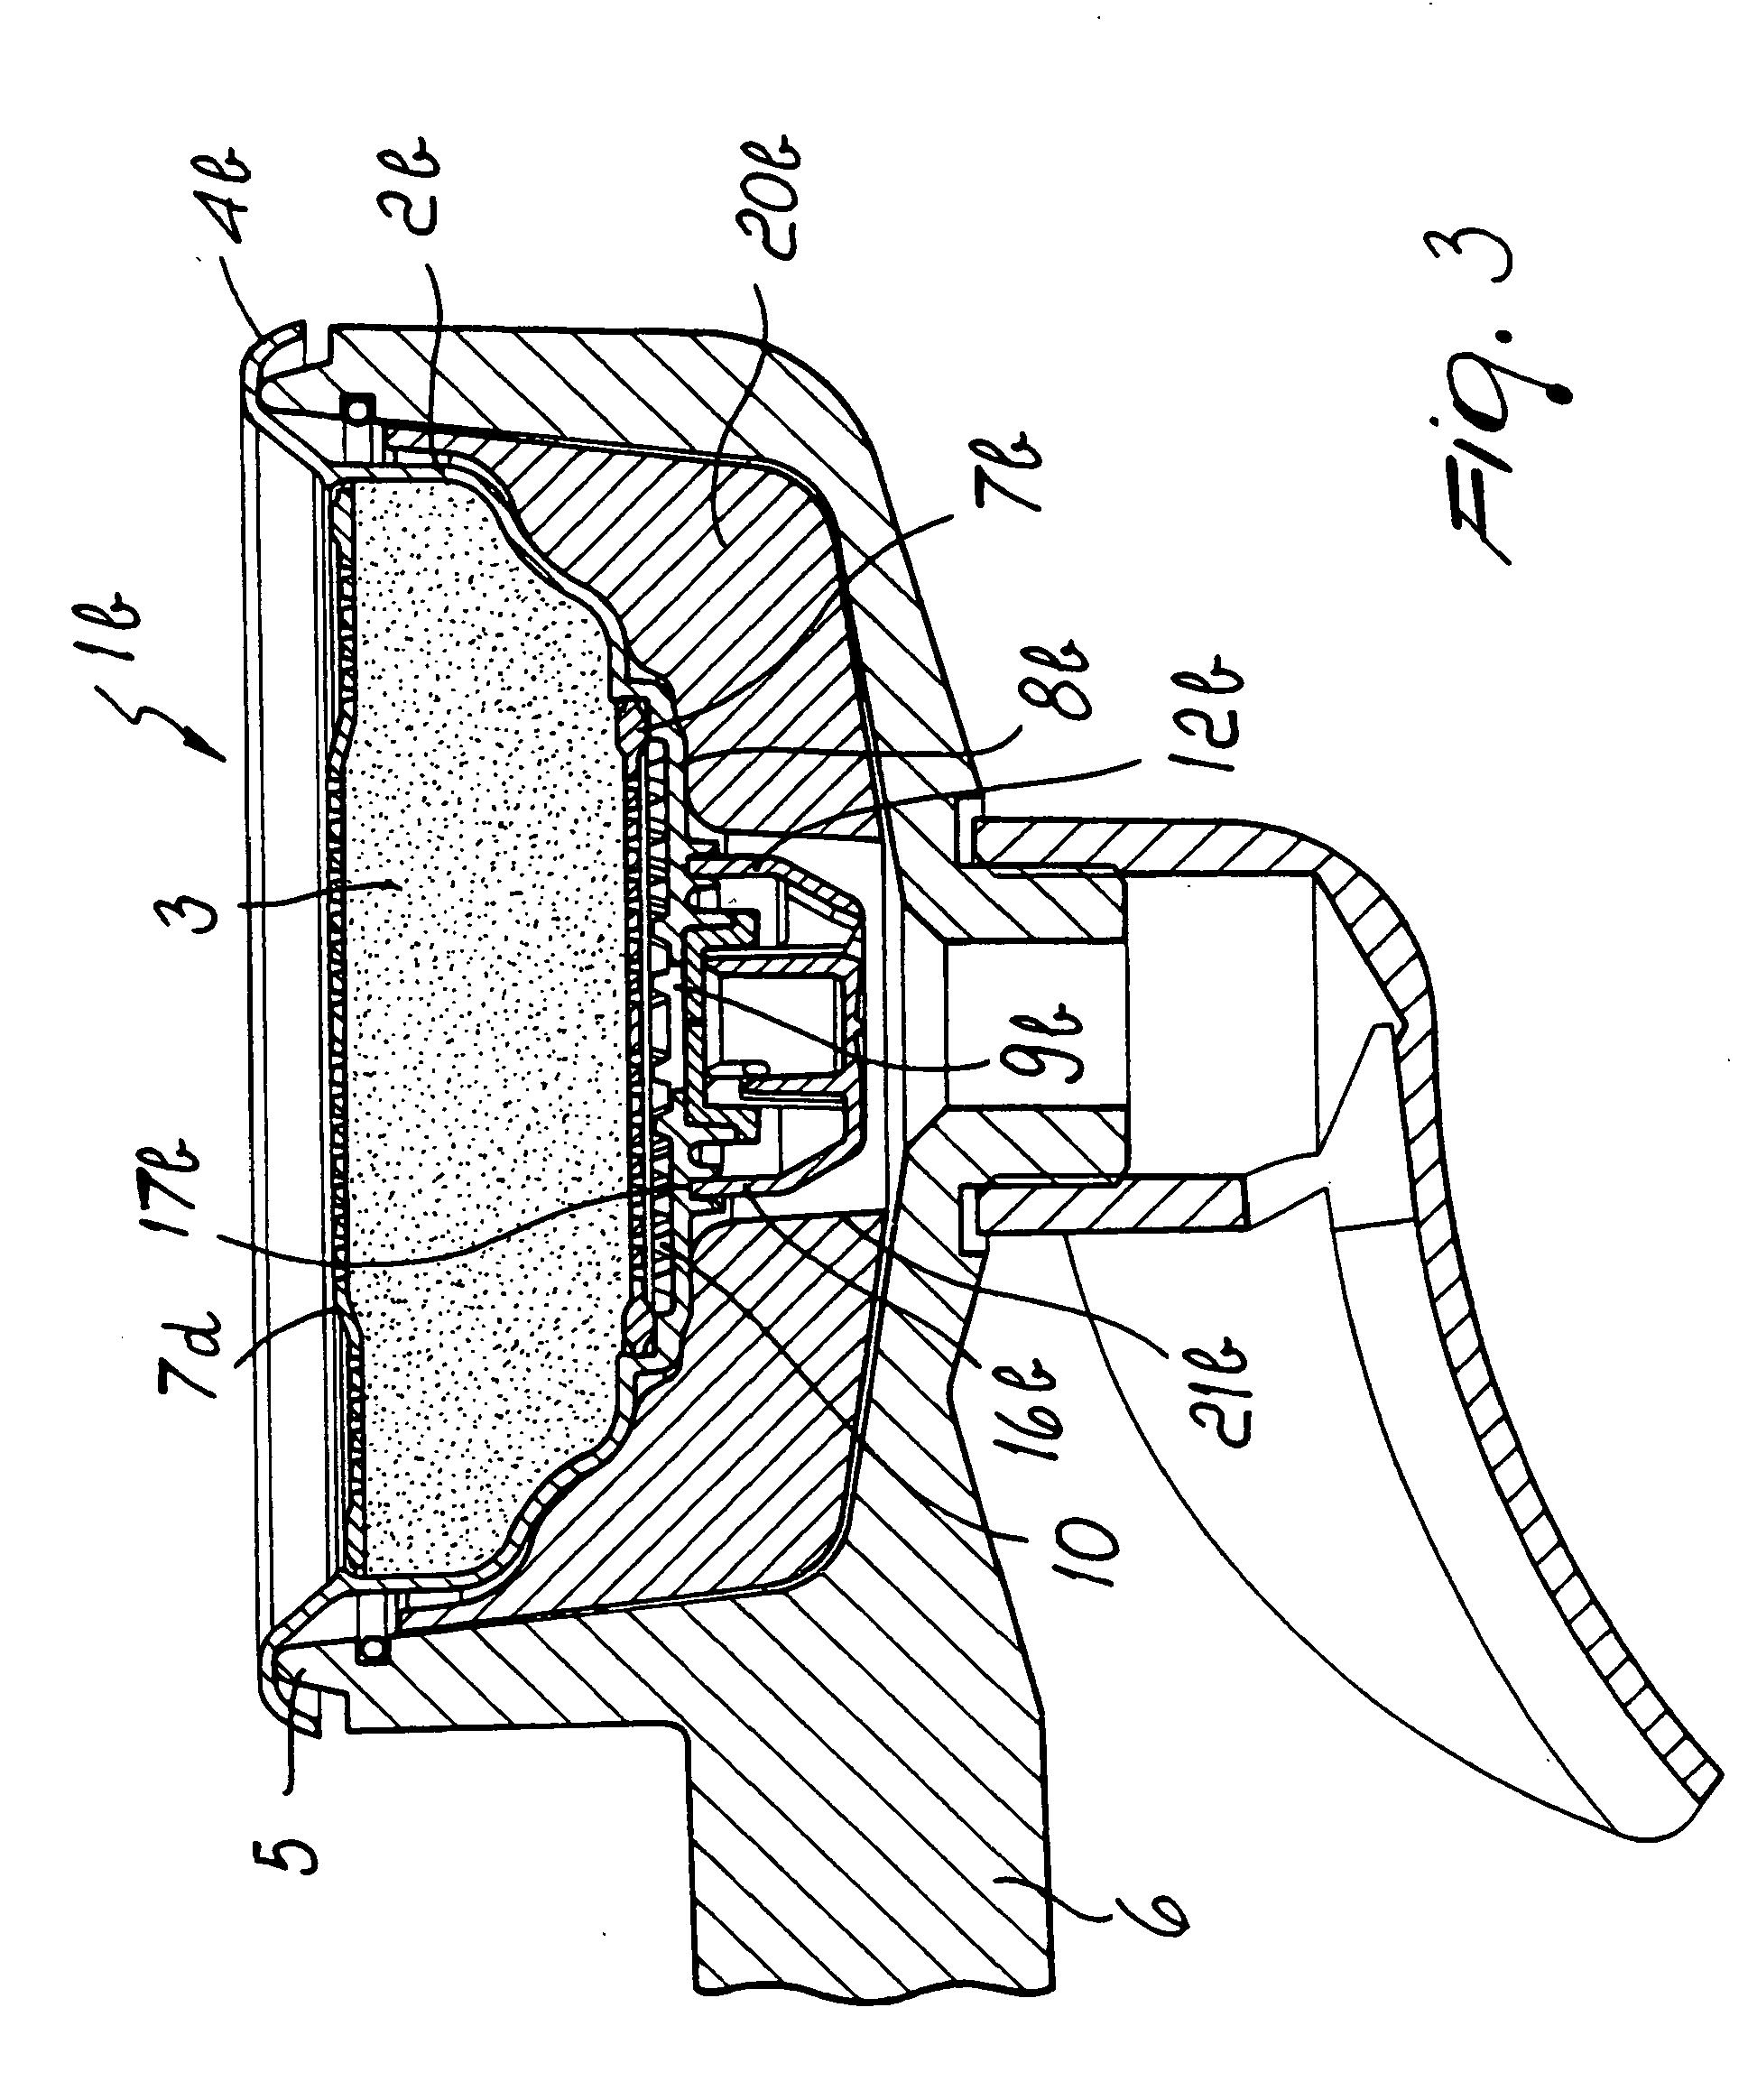 patent ep2091392b1 einsatz f r filterhalter f r kaffeemaschinen besonders f r espresso. Black Bedroom Furniture Sets. Home Design Ideas